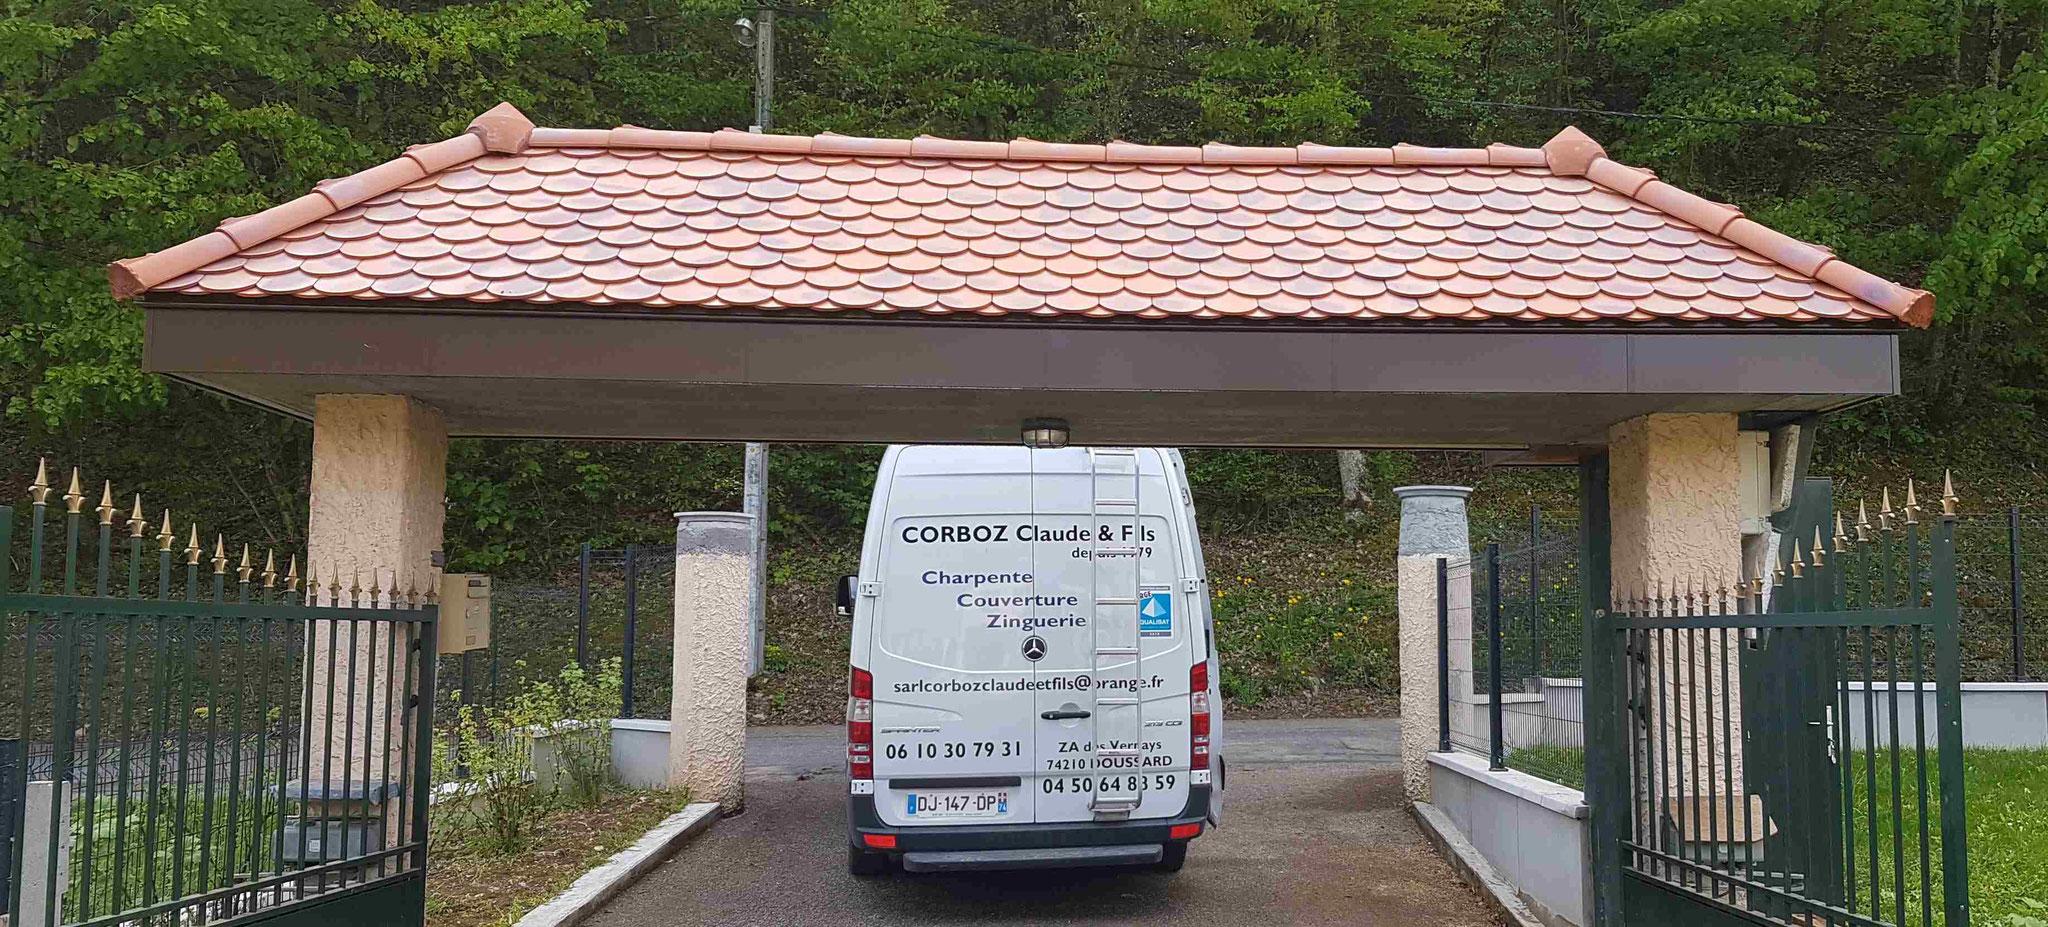 Porche portail à Faverges (74)